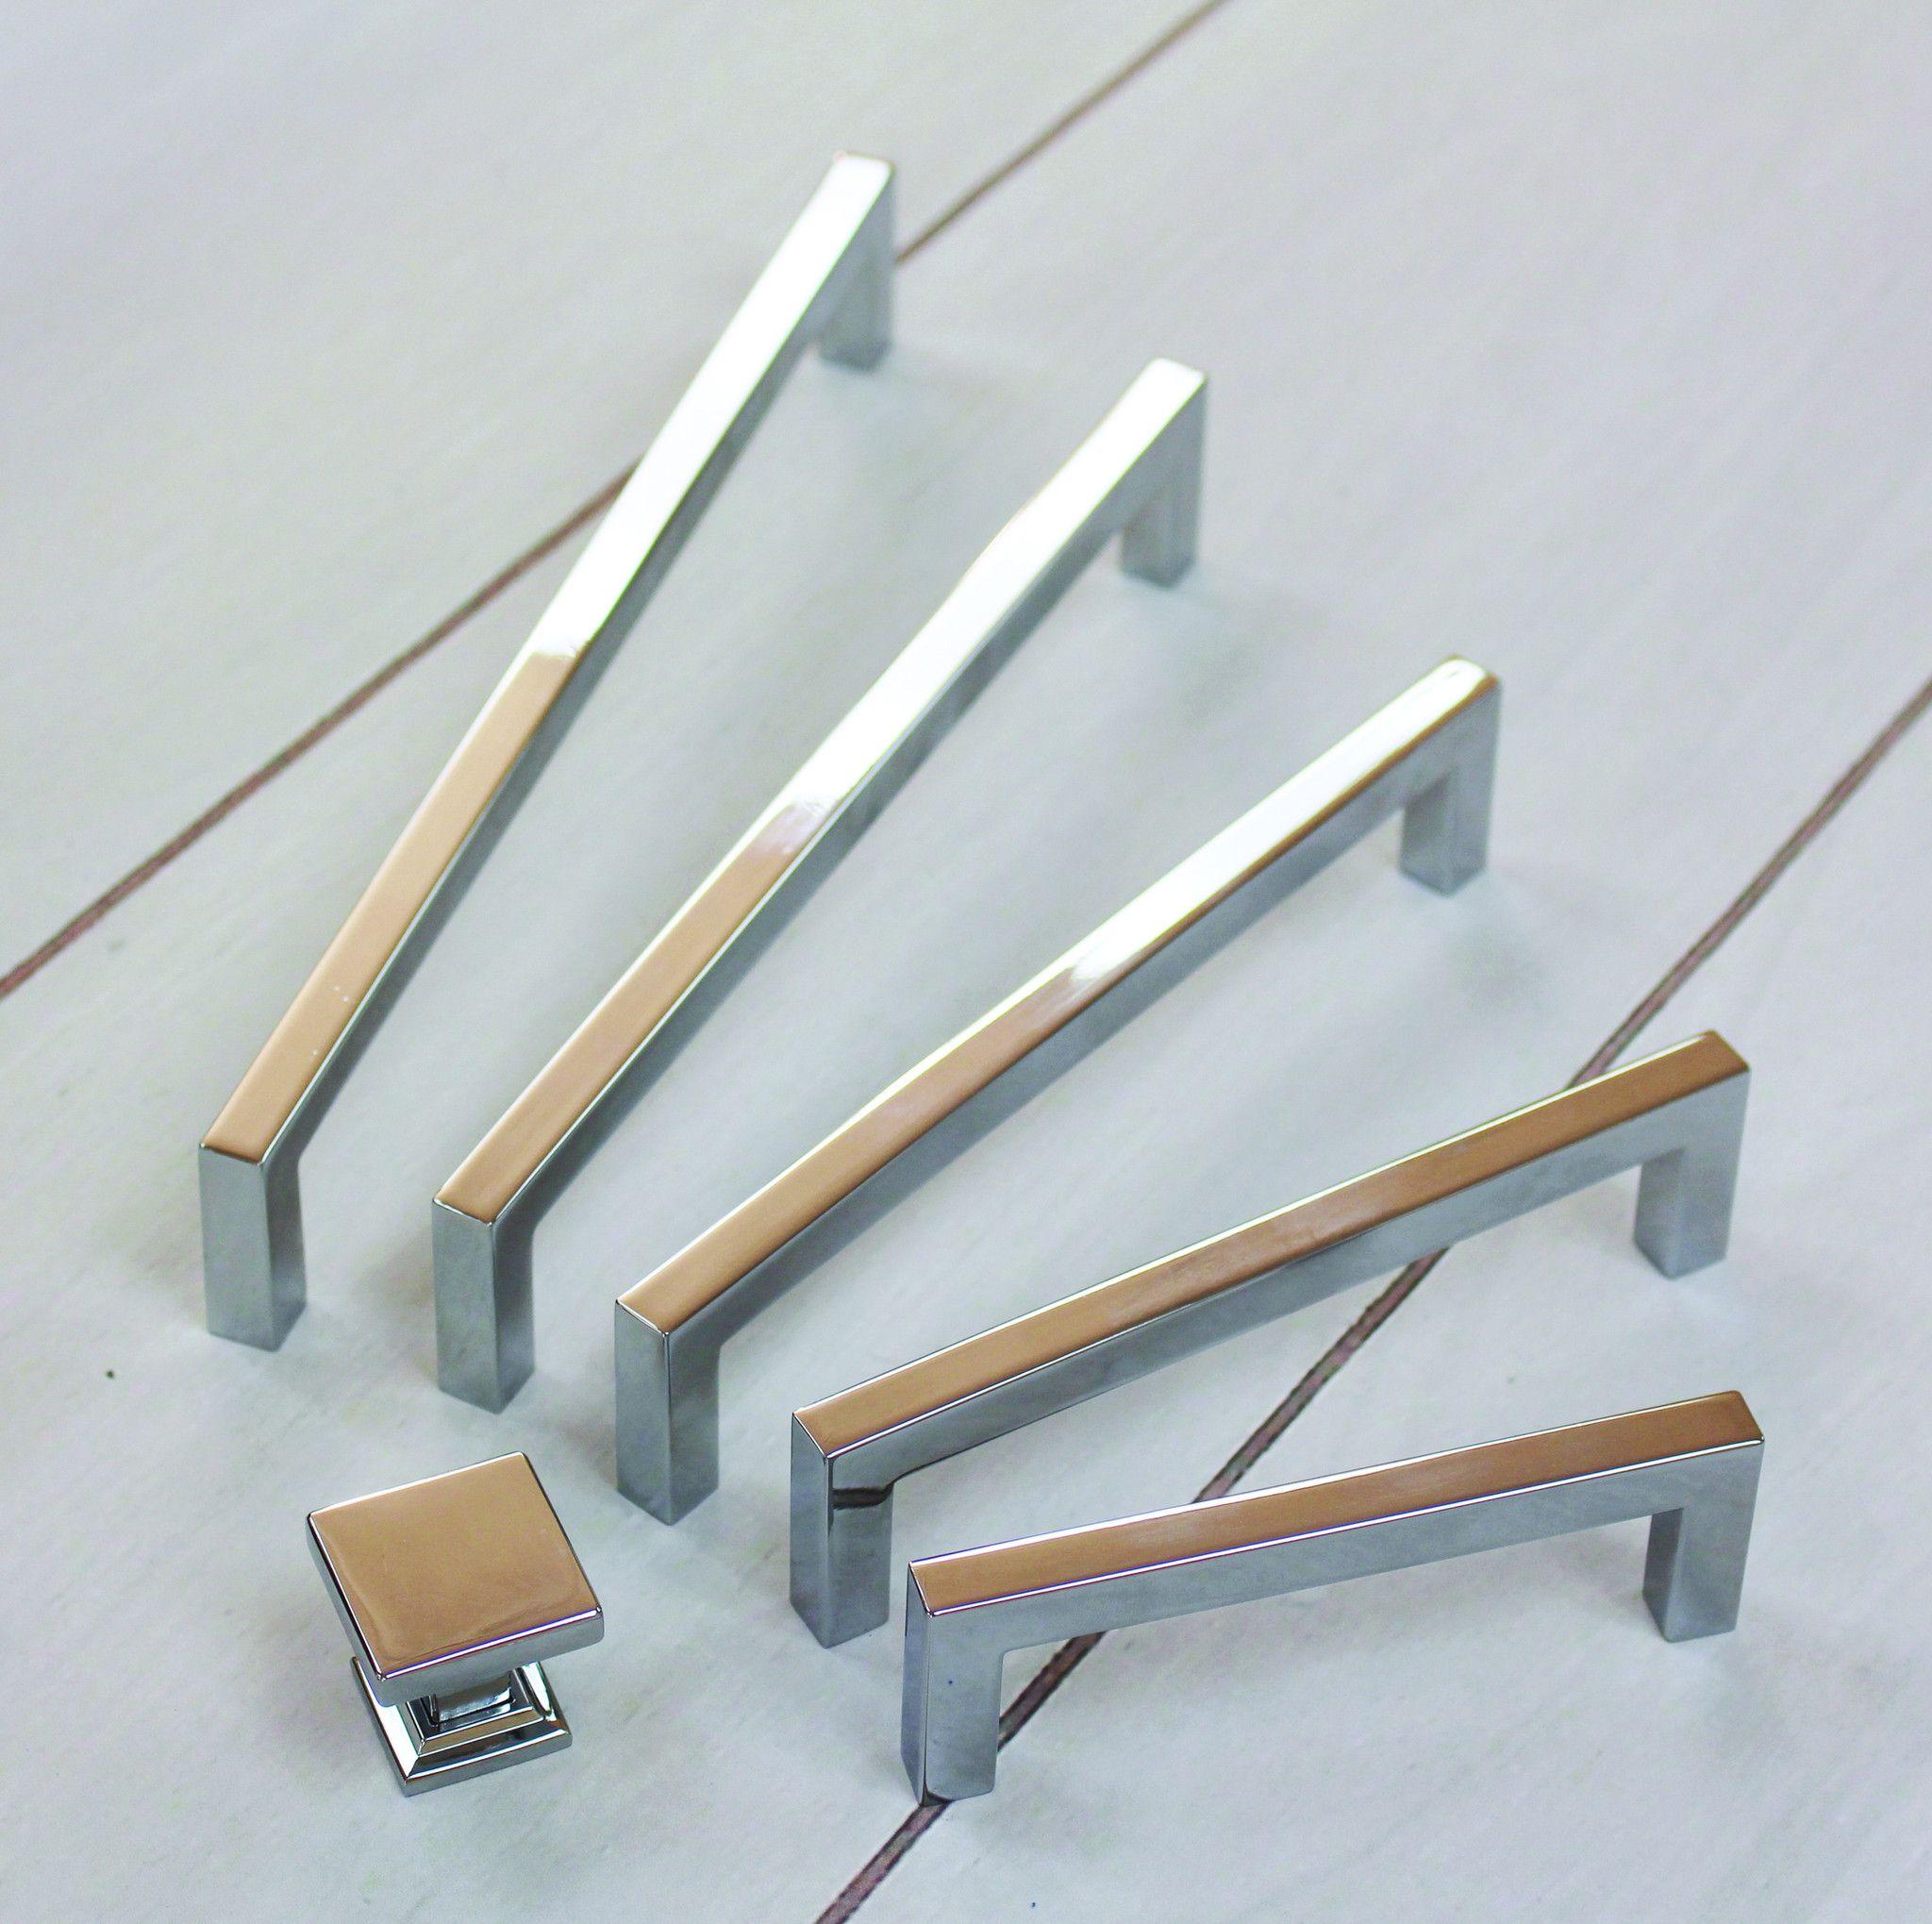 Contemporary Square Cabinet Pull Kitchen Cabinet Hardware Contemporary Kitchen Modern Kitchen